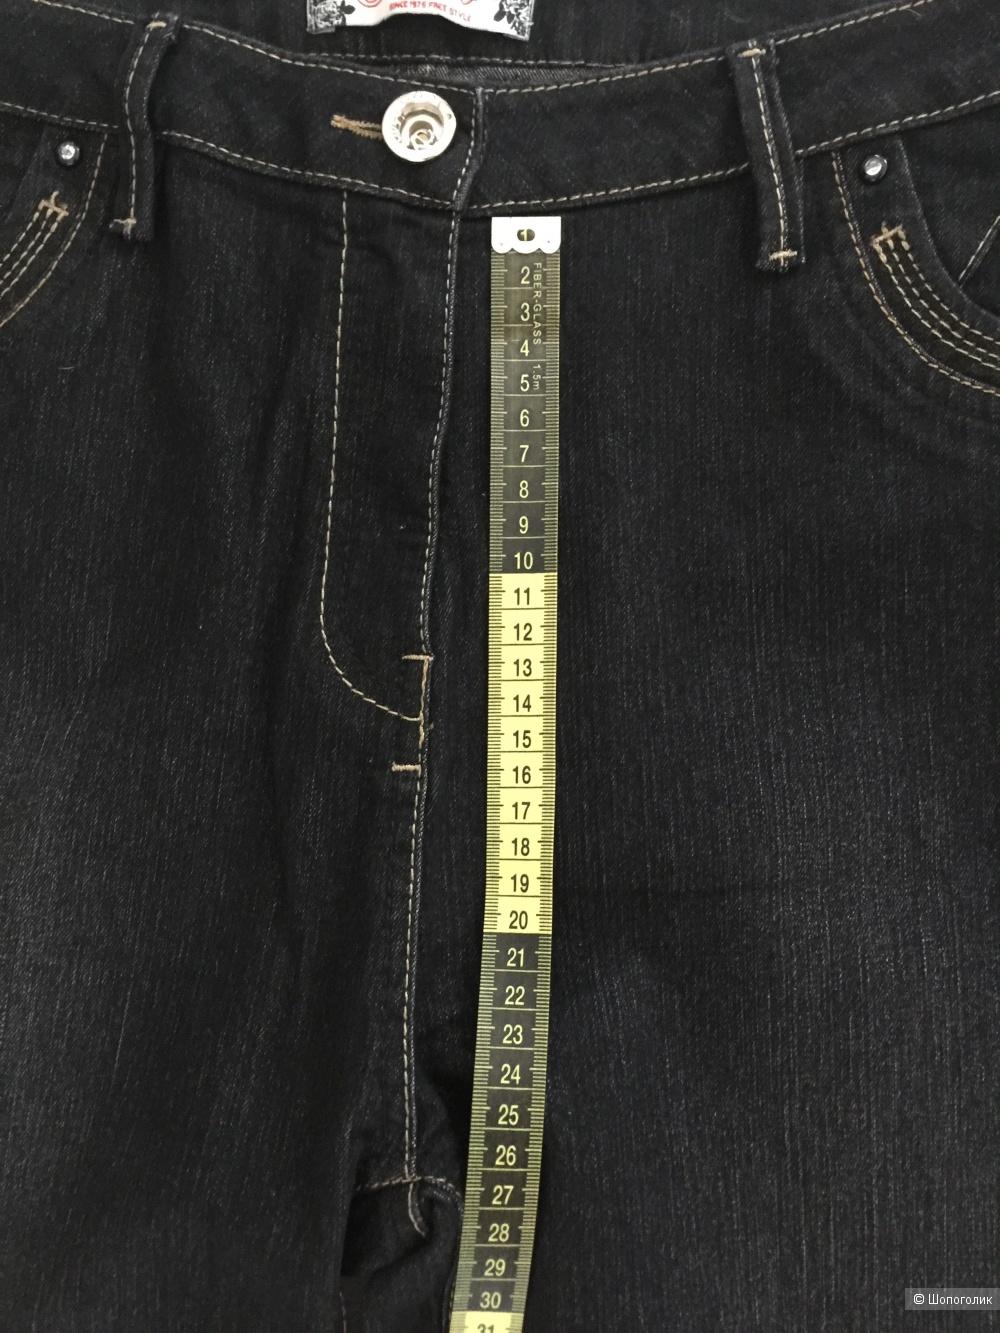 Джинсы Бренд RODEO размер 52 на рост от 170 см